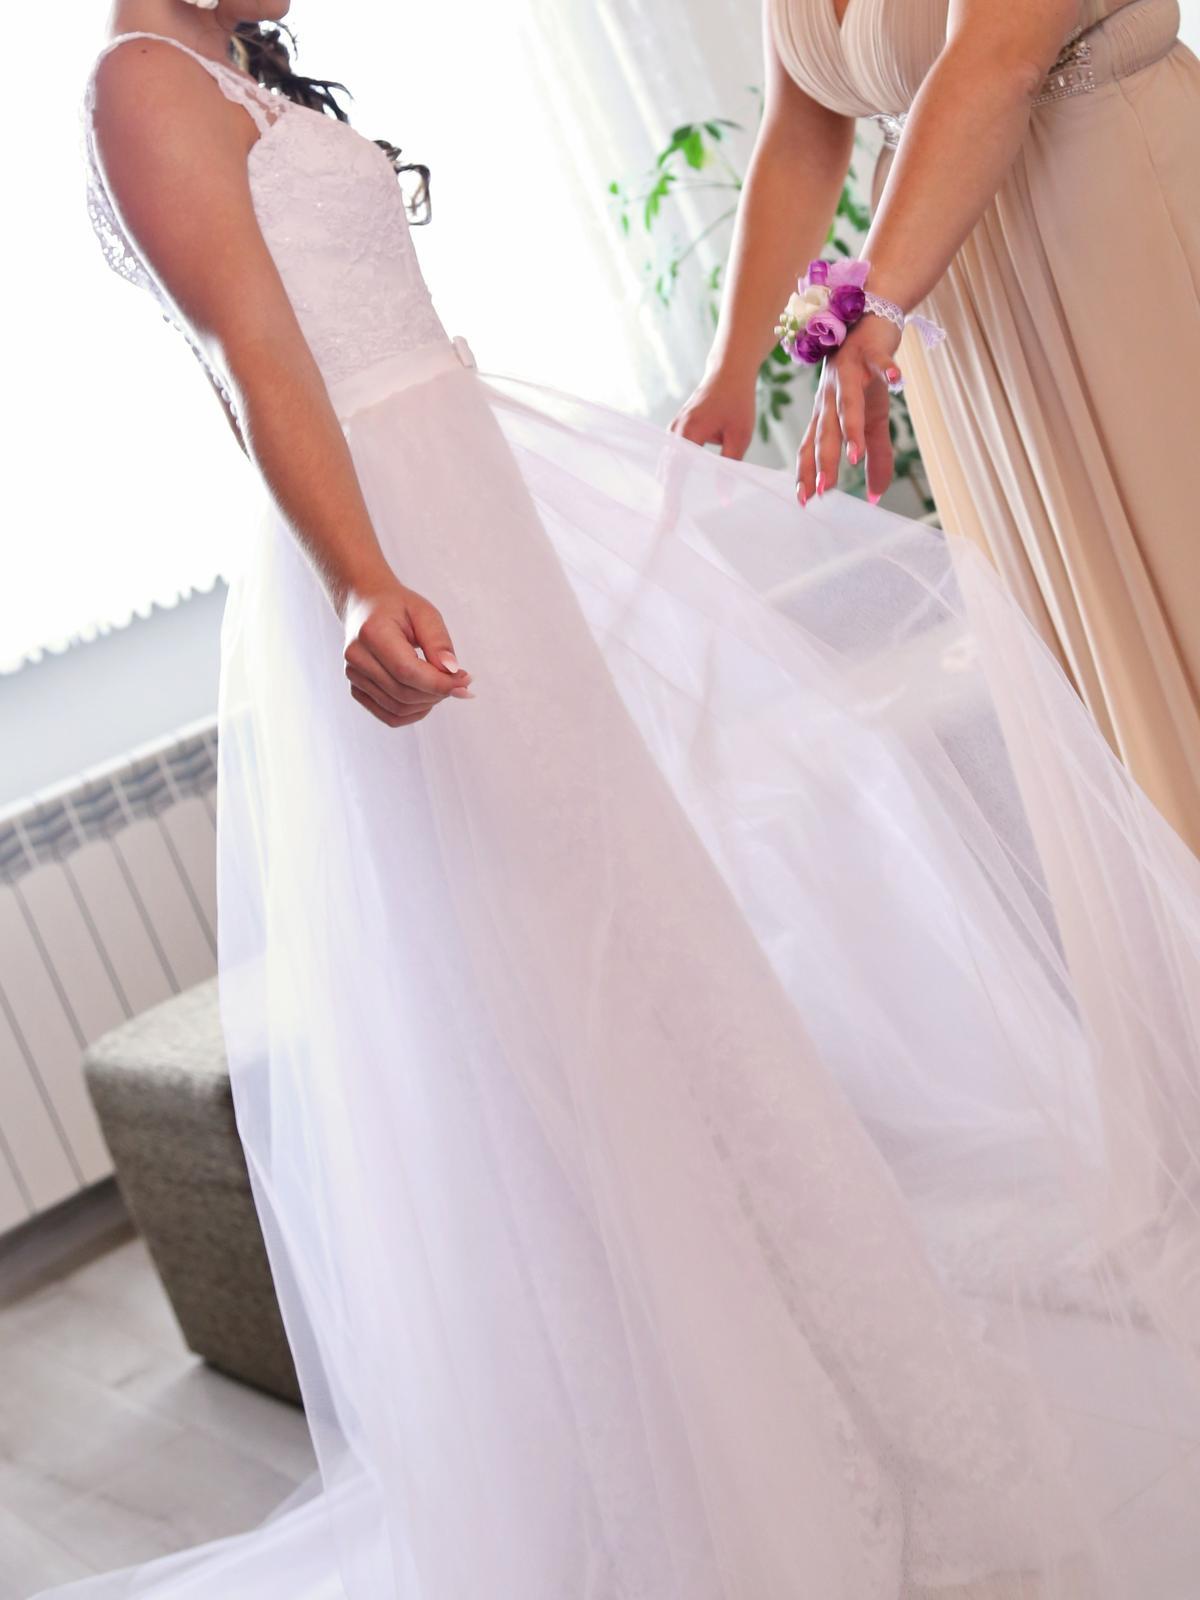 Celokrajkové svadobné šaty s odnímateľnou vlečkou  - Obrázok č. 3